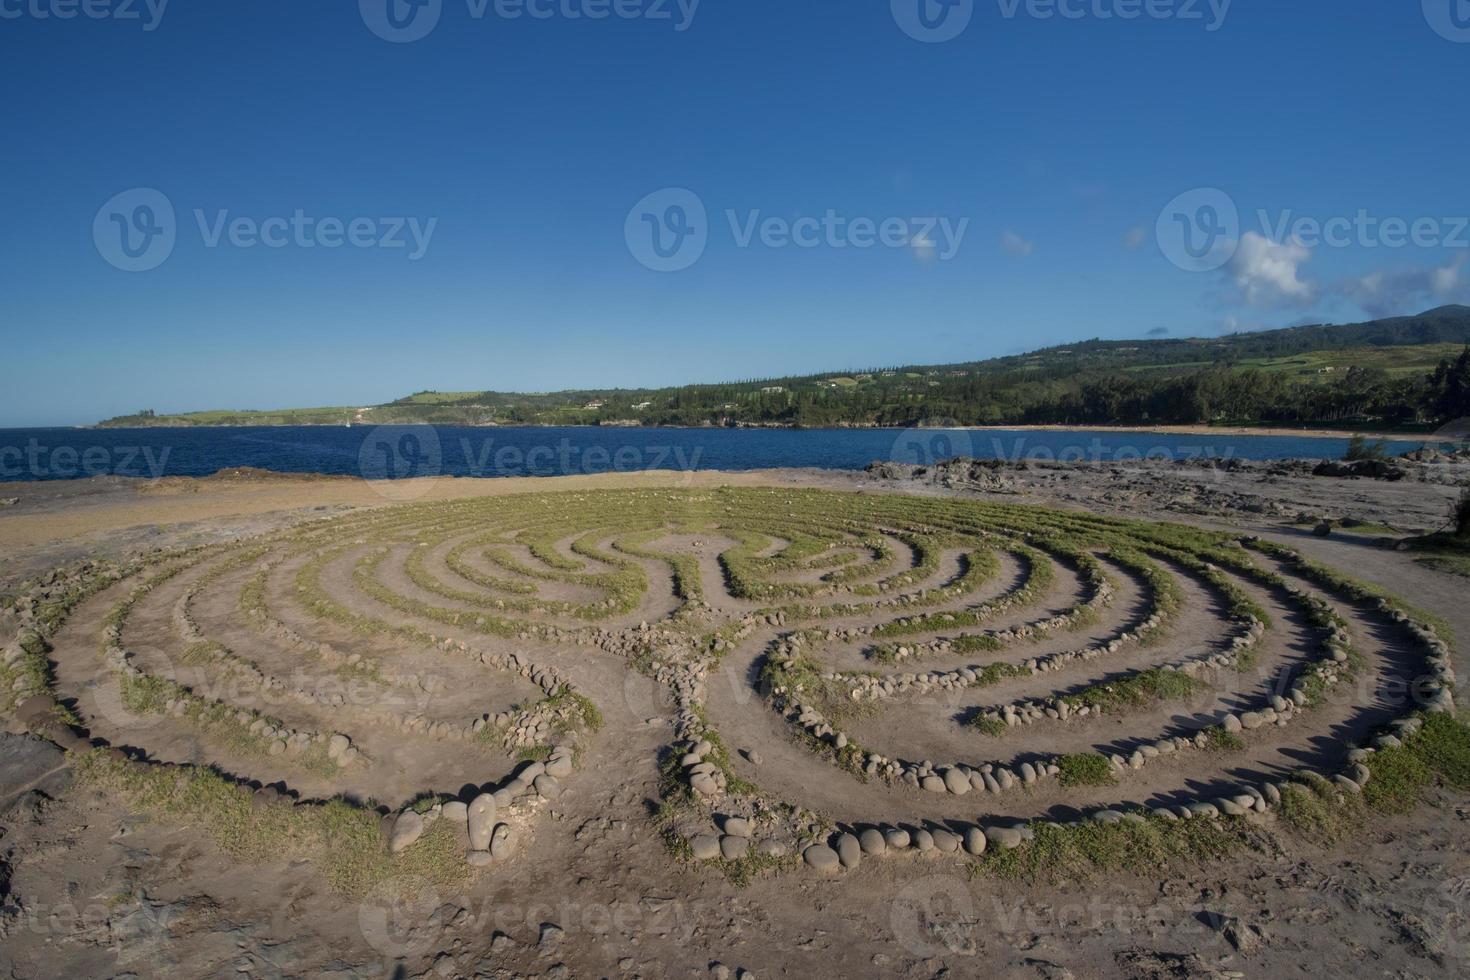 Labyrinth in der Nähe von Drachenzähnen, Maui, Hawaii foto